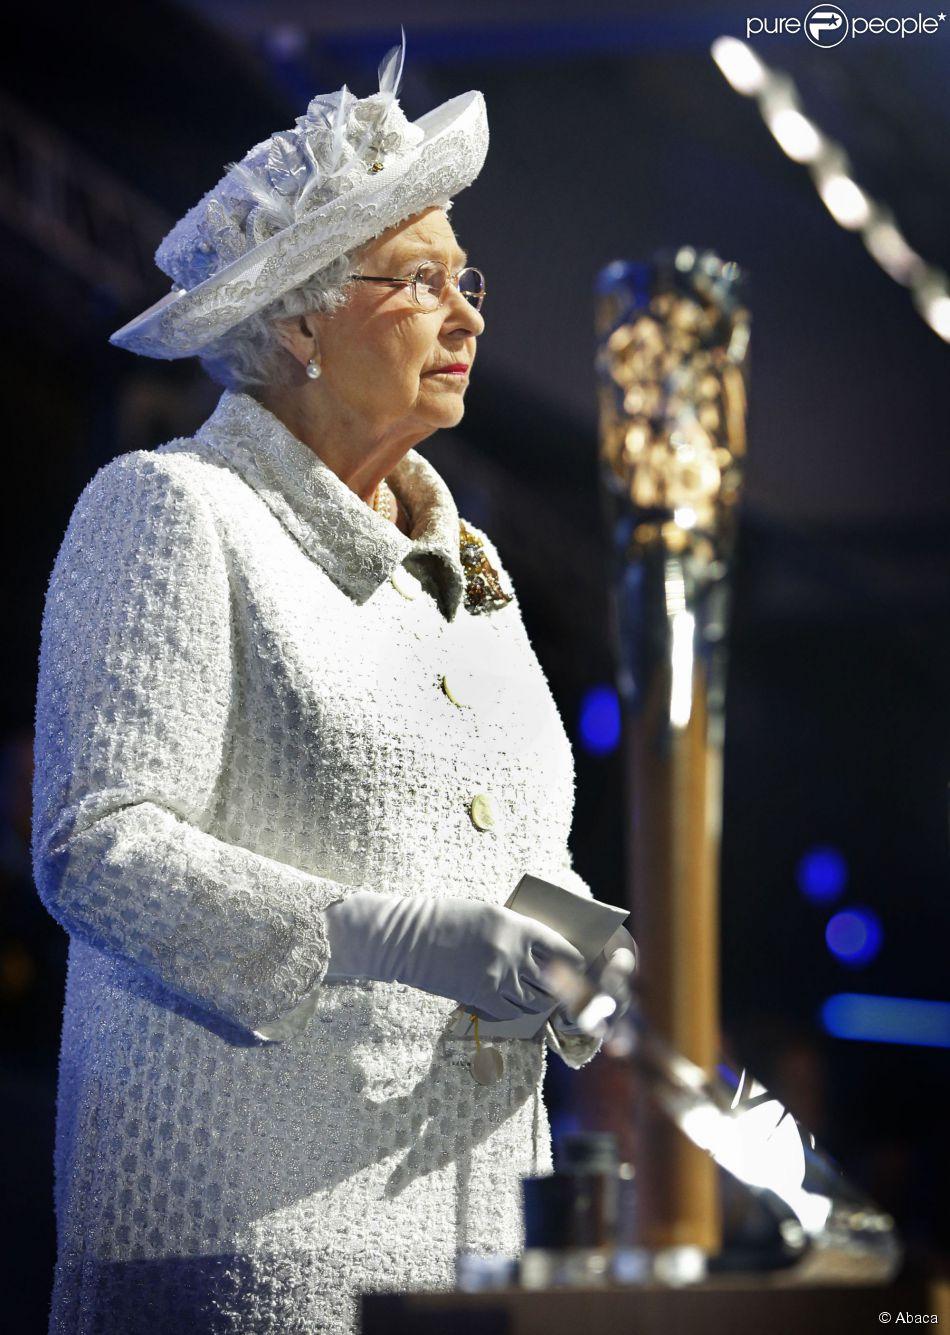 La reine Elizabeth II lors de la cérémonie d'ouverture des Jeux du Commonwealth 2014, le 23 juillet au Celtic Park de Glasgow.